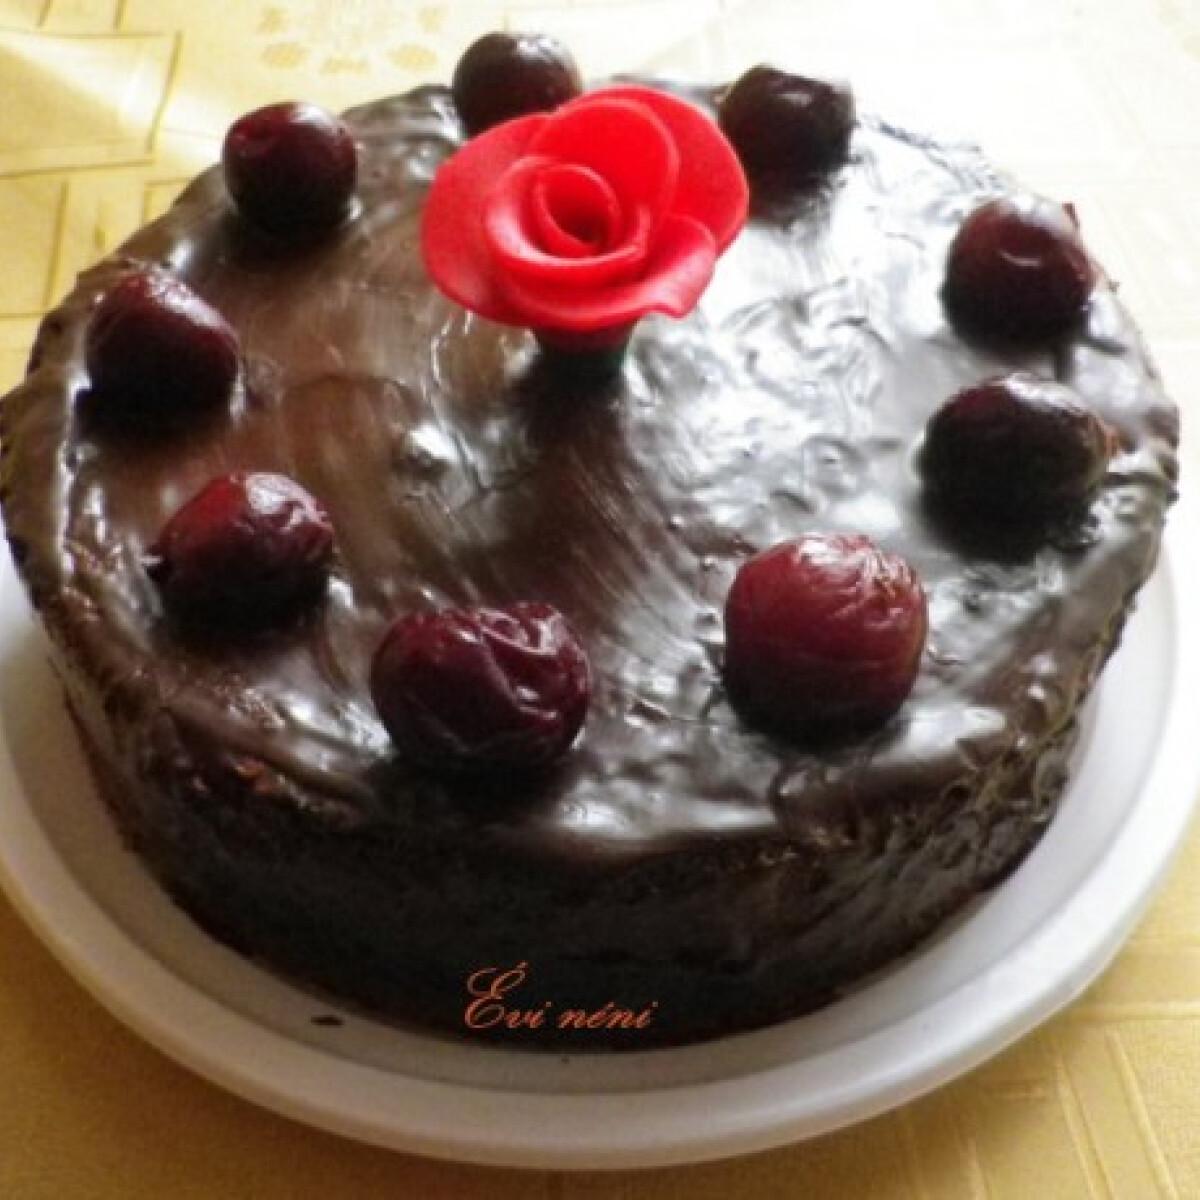 Ezen a képen: Lúdláb torta Évi nénitől